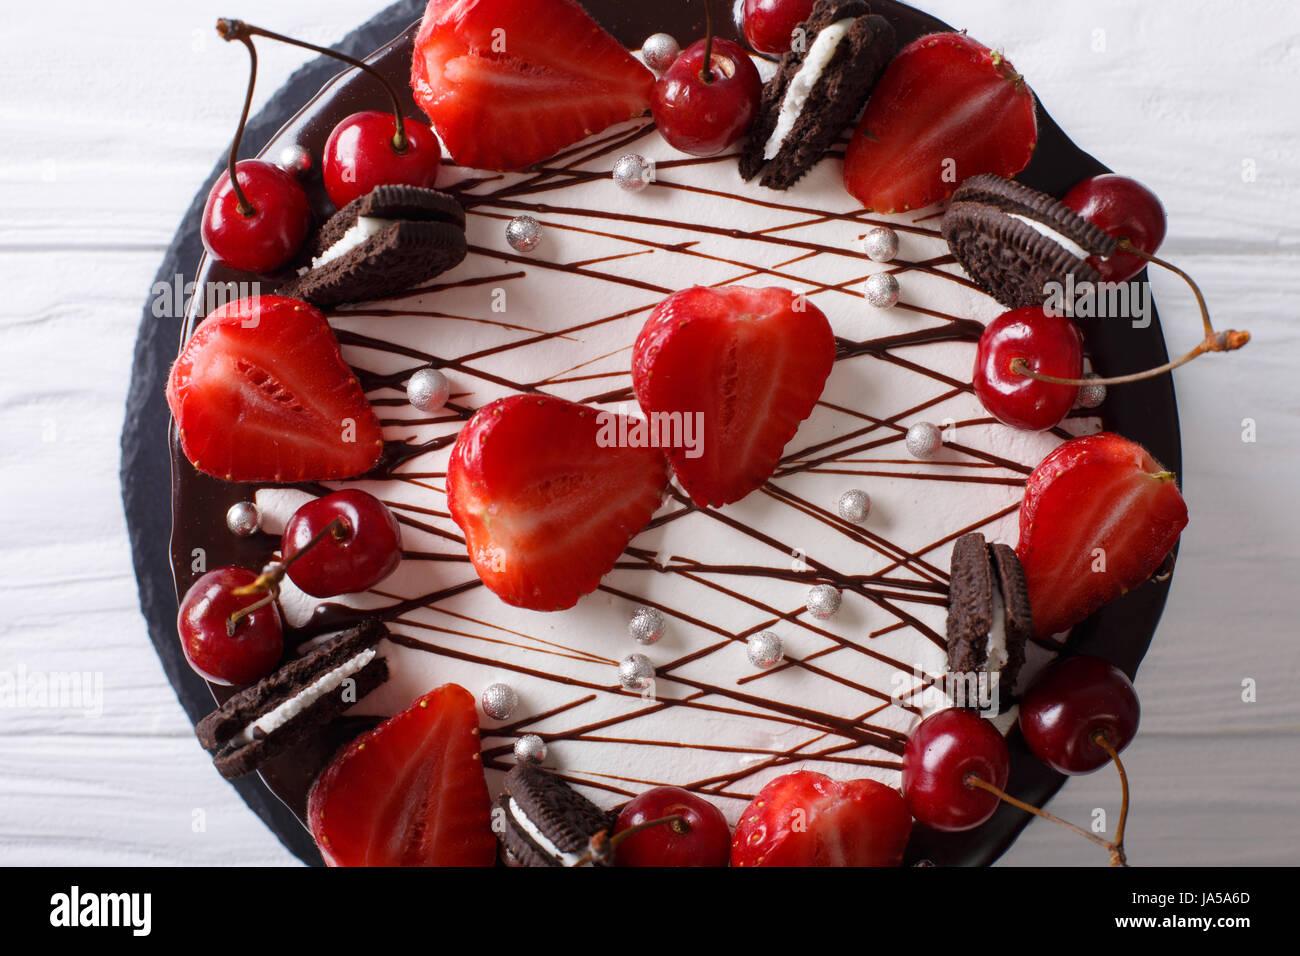 Hermoso Pastel De Chocolate Con Fresa Y Cereza Decorado